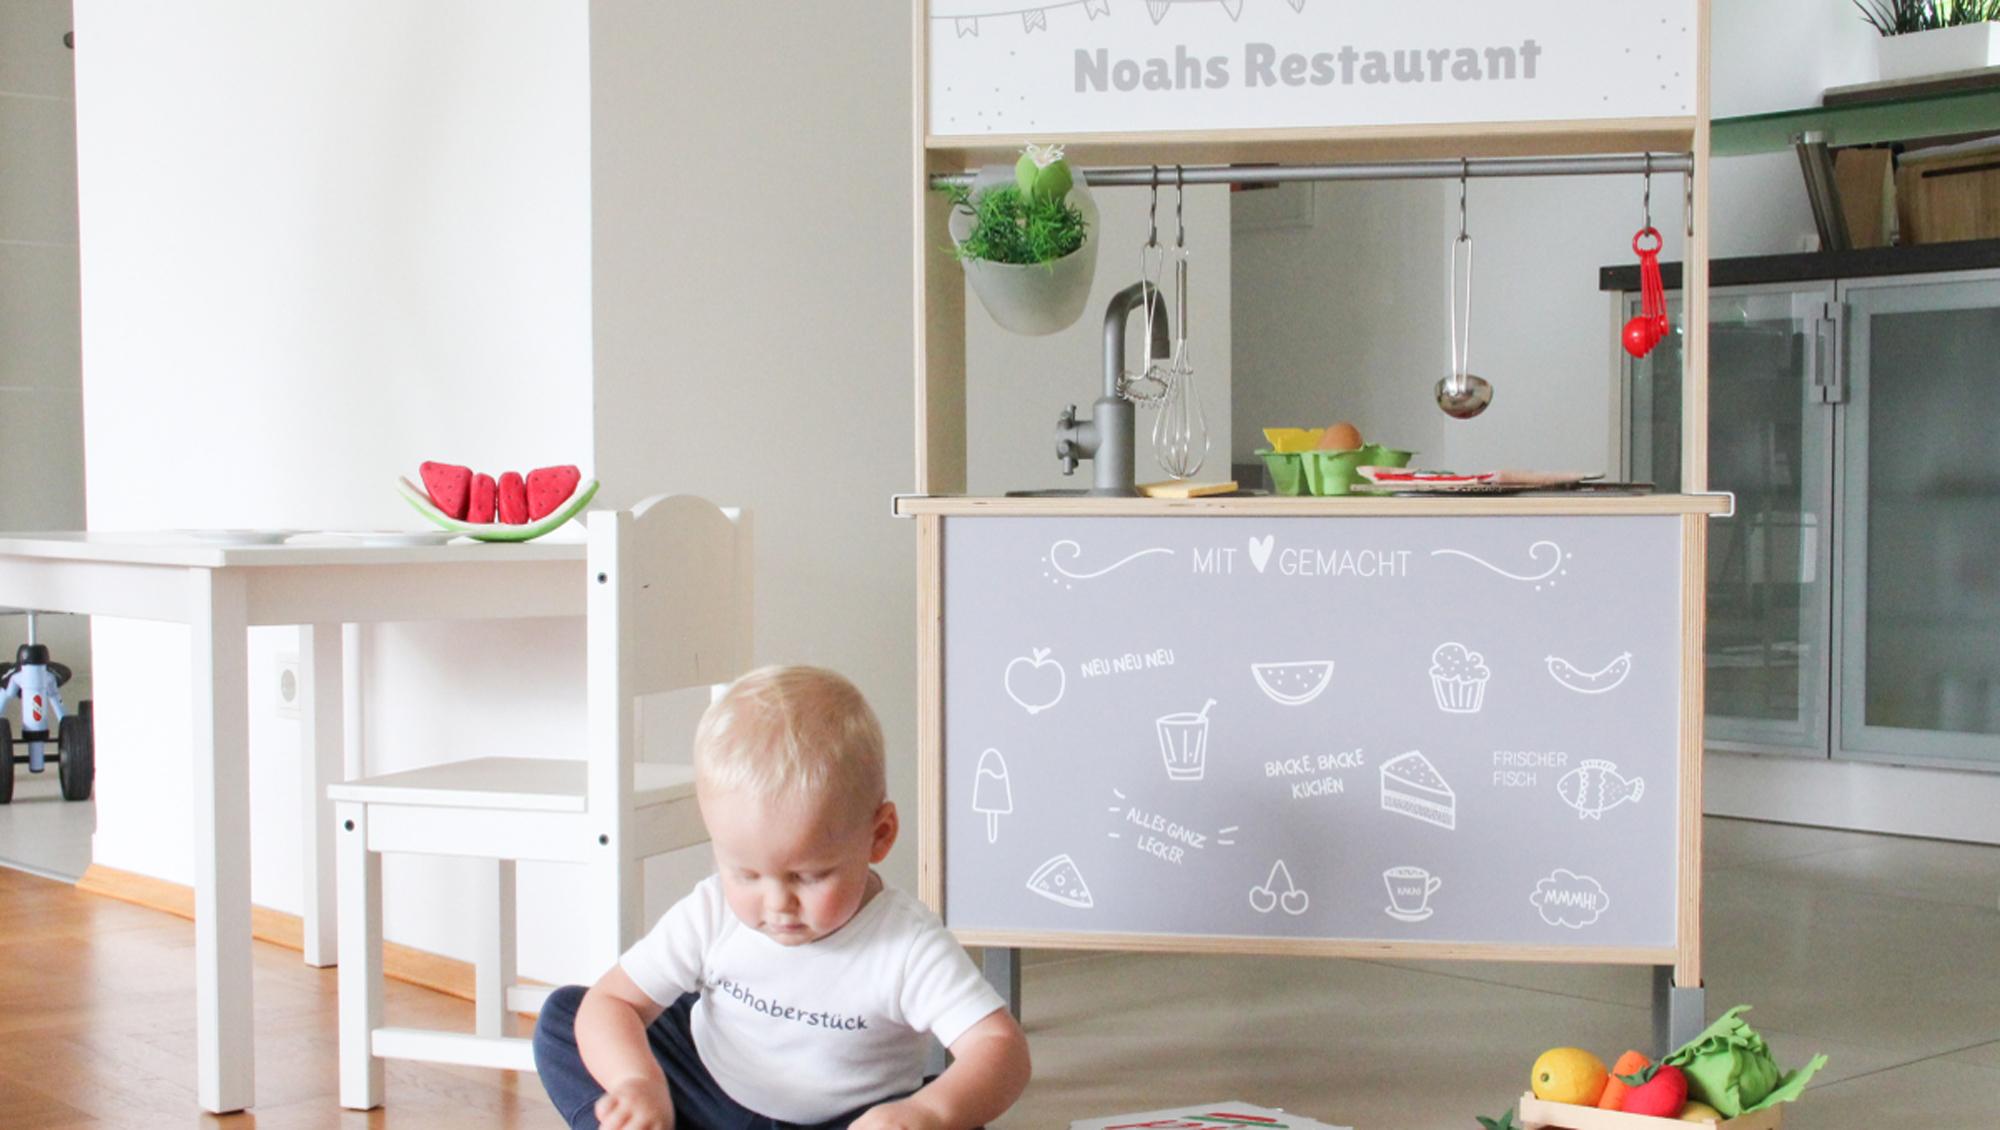 Full Size of Küche Deko Ikea Coolsten Hacks Frs Kinderzimmer Lüftungsgitter Moderne Landhausküche Oberschrank Kaufen Tipps Einbauküche Nobilia Grau Arbeitsschuhe Wohnzimmer Küche Deko Ikea